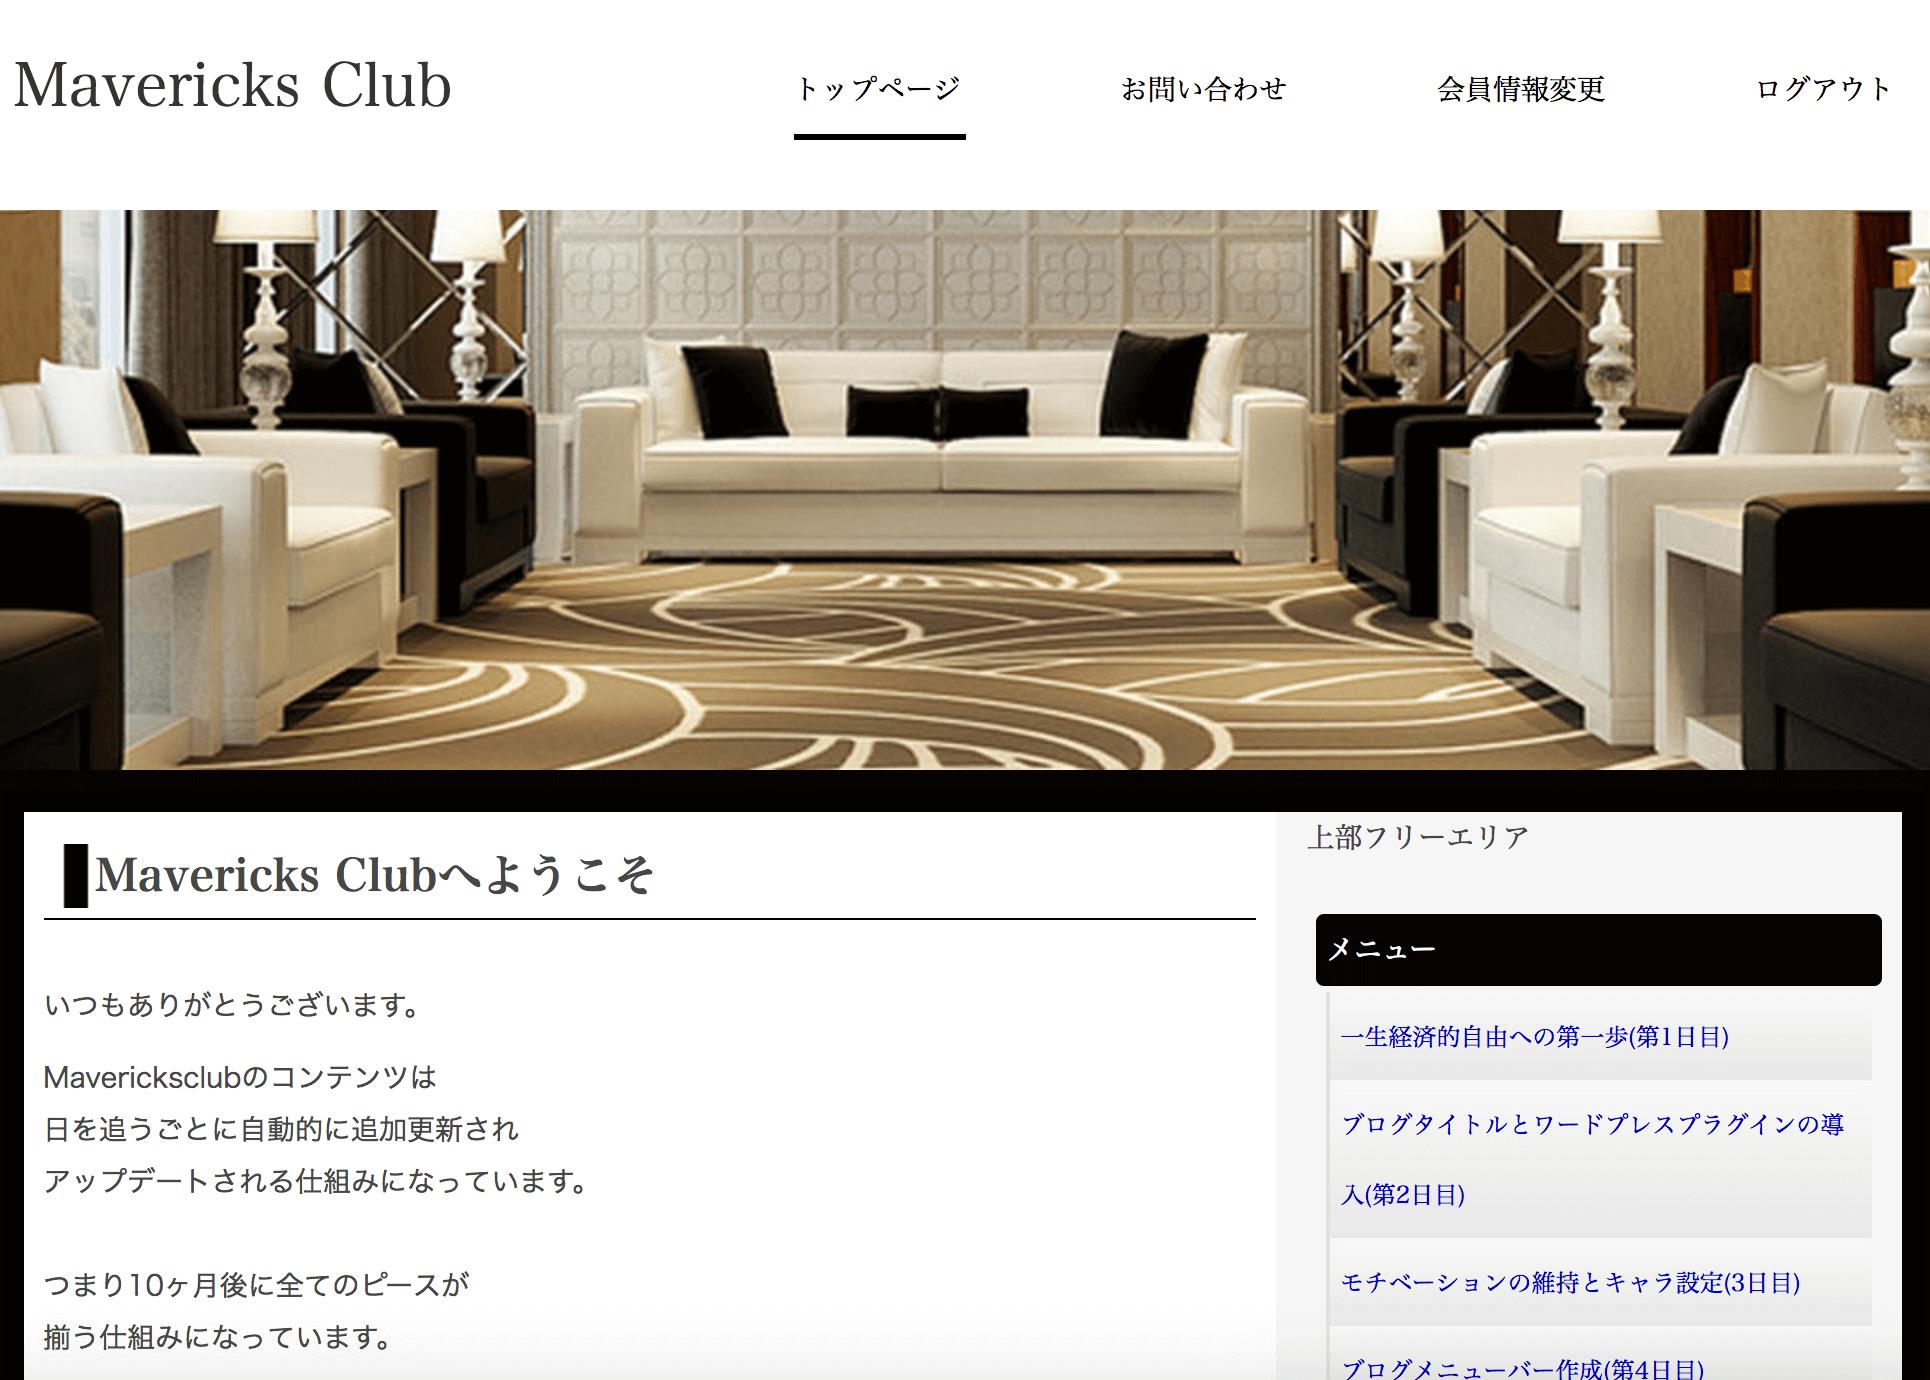 ネットビジネスの高額塾やクラブのような会員サイトを作る方法とは?